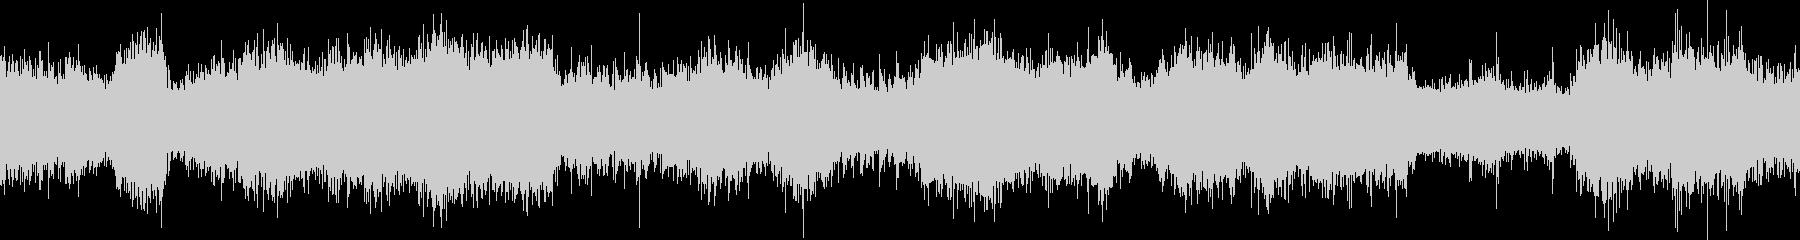 ループ再生可能!ラジオノイズ・SPLの未再生の波形